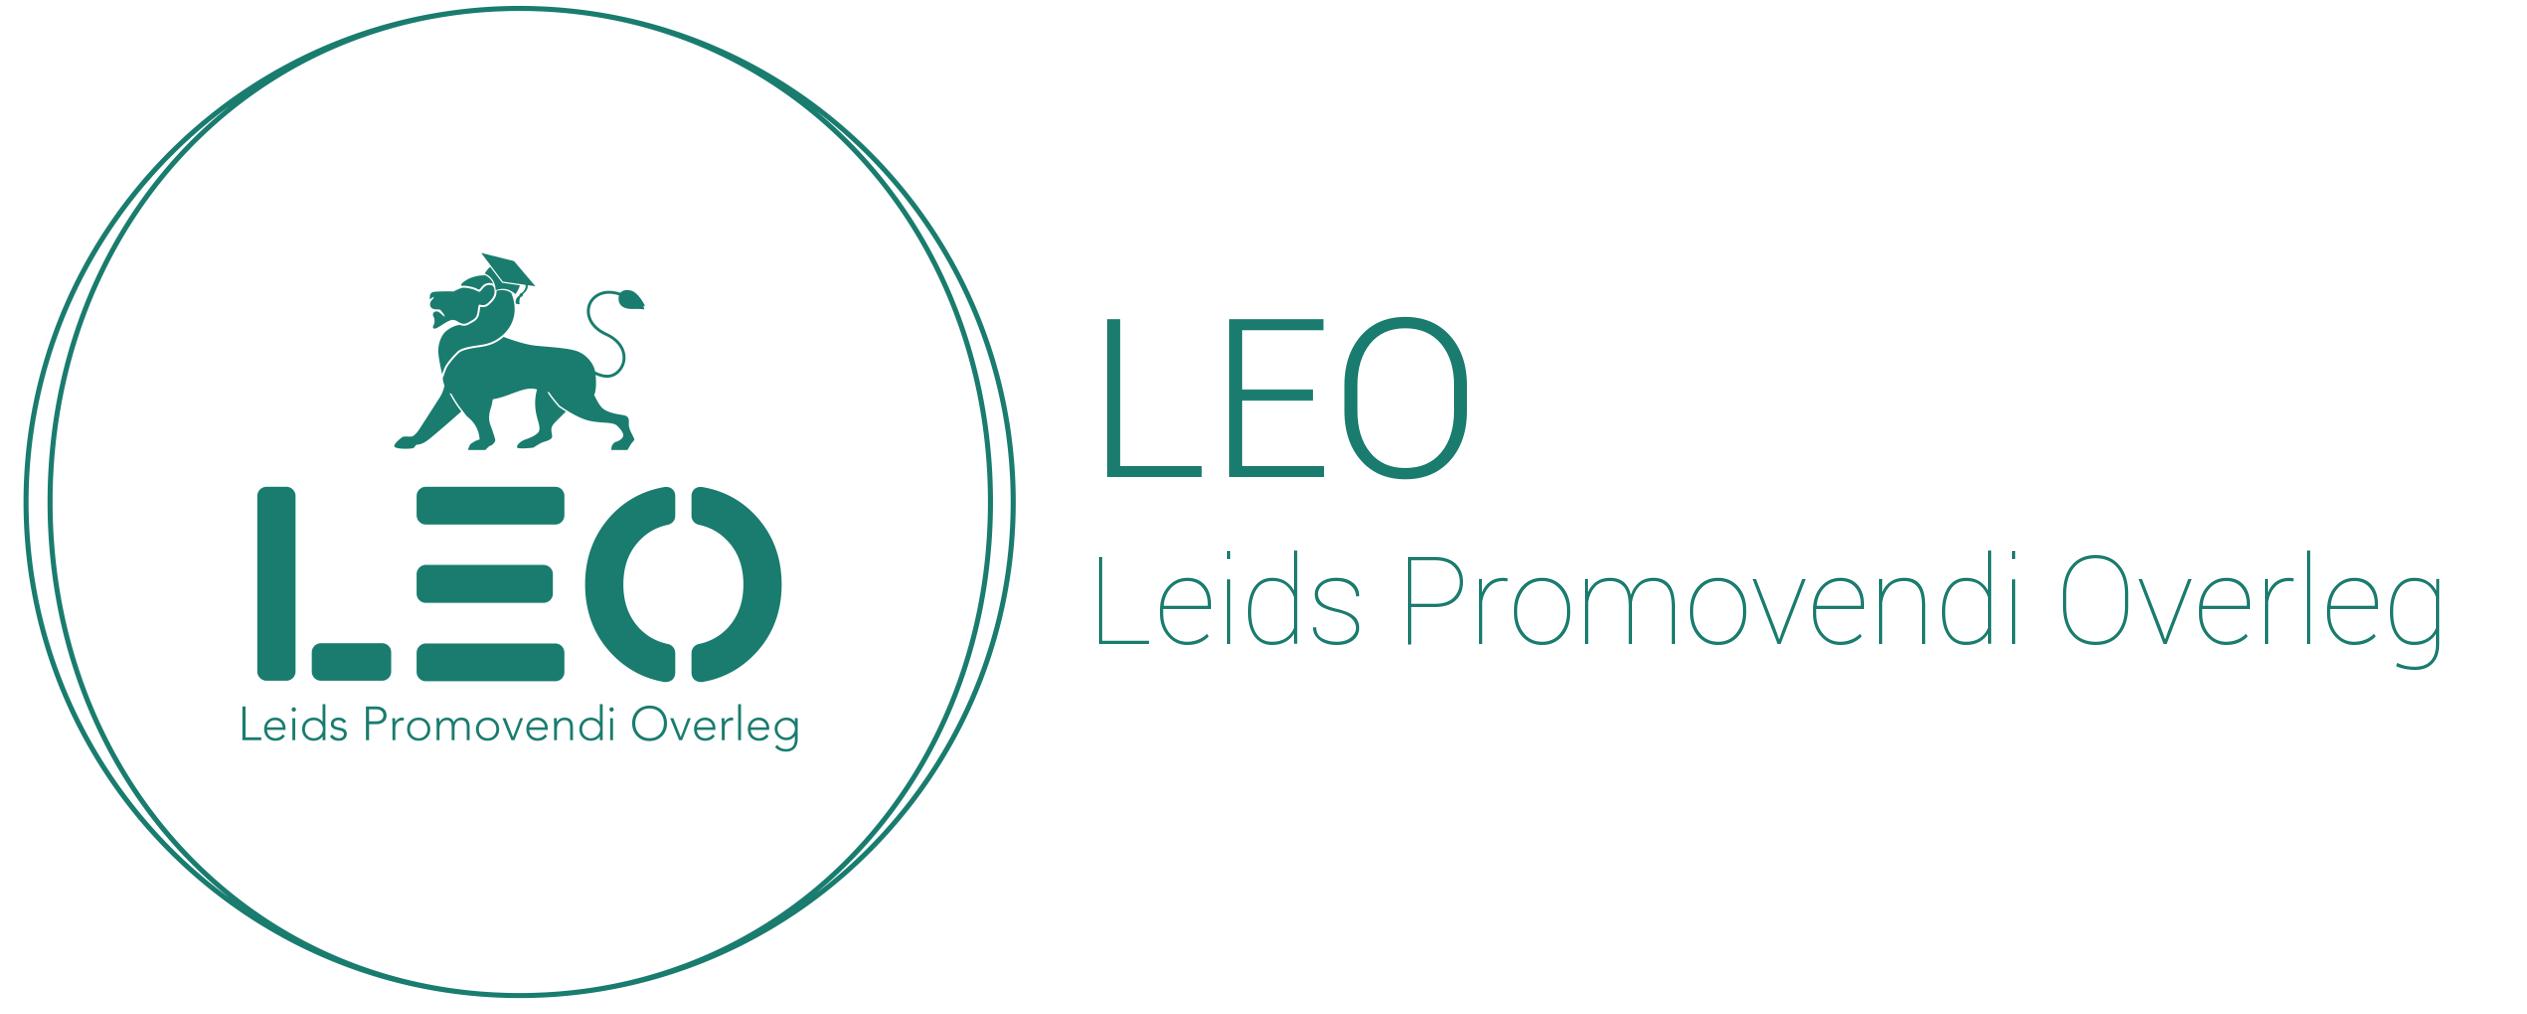 Leo Leiden